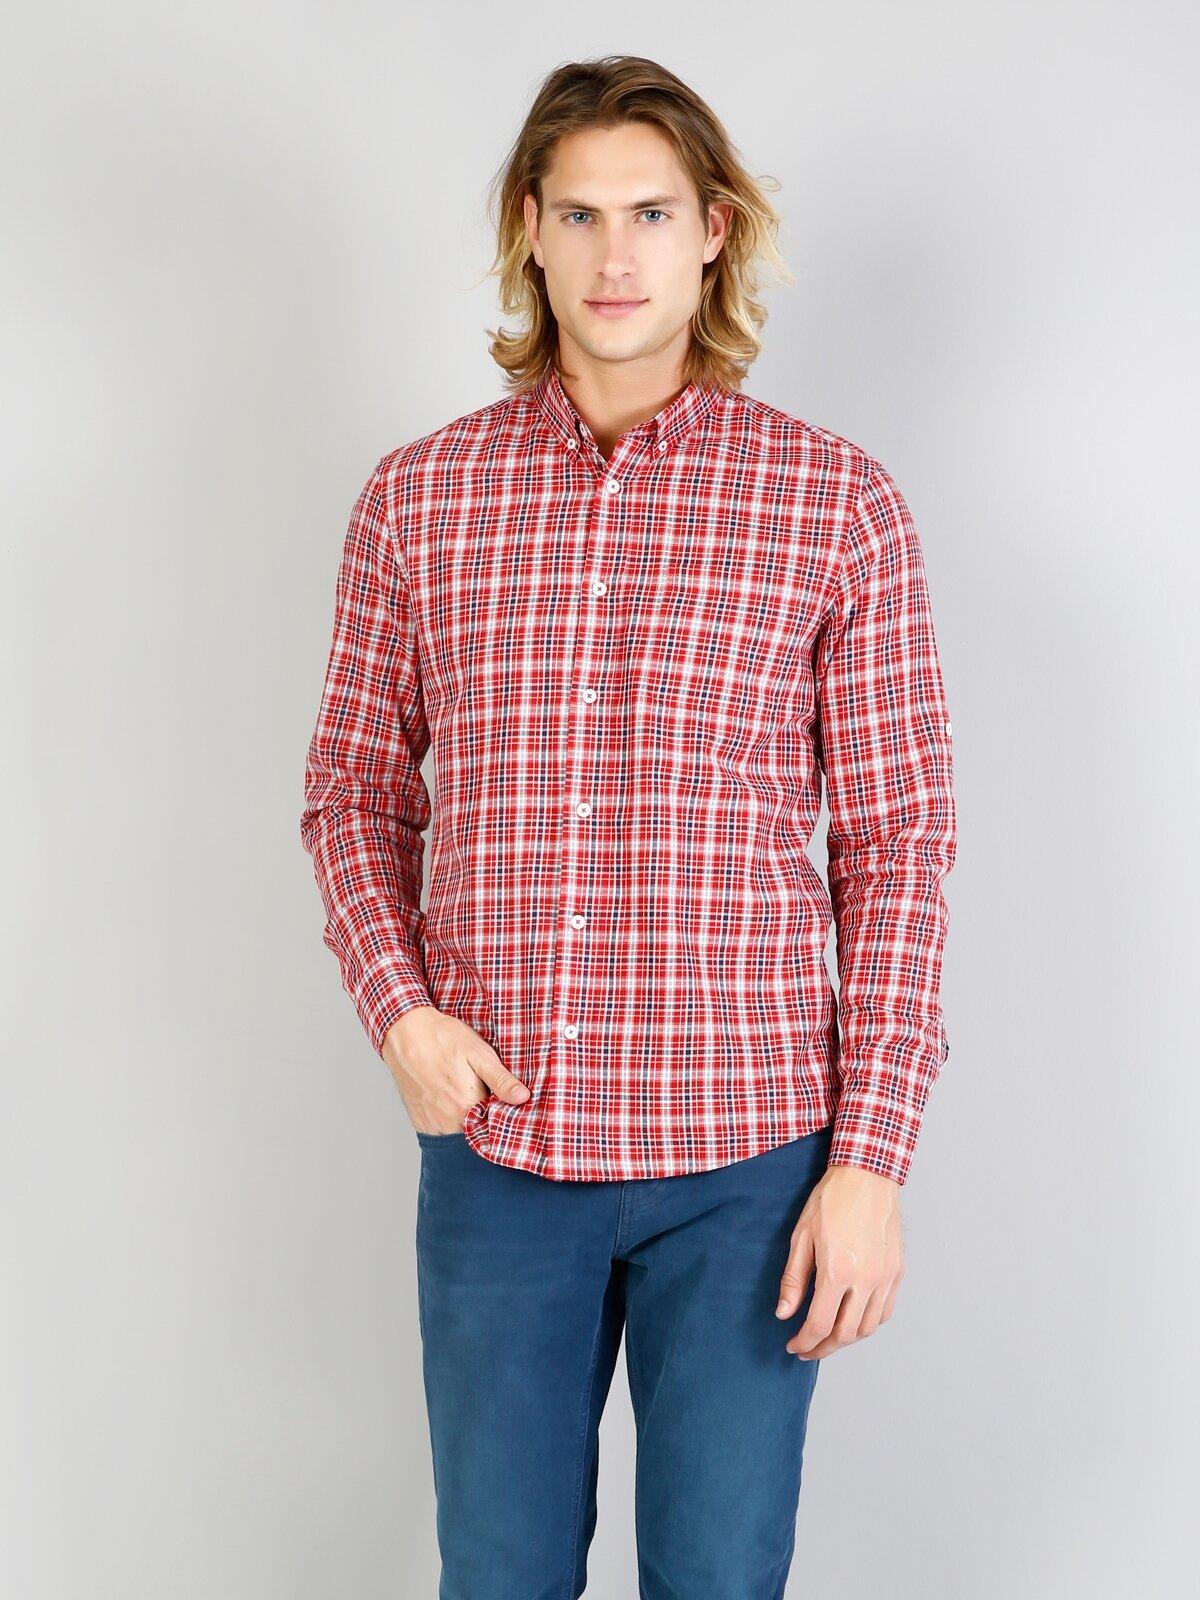 Kol Katlamalı Klasik Yaka Kırmızı Uzun Kol Gömlek